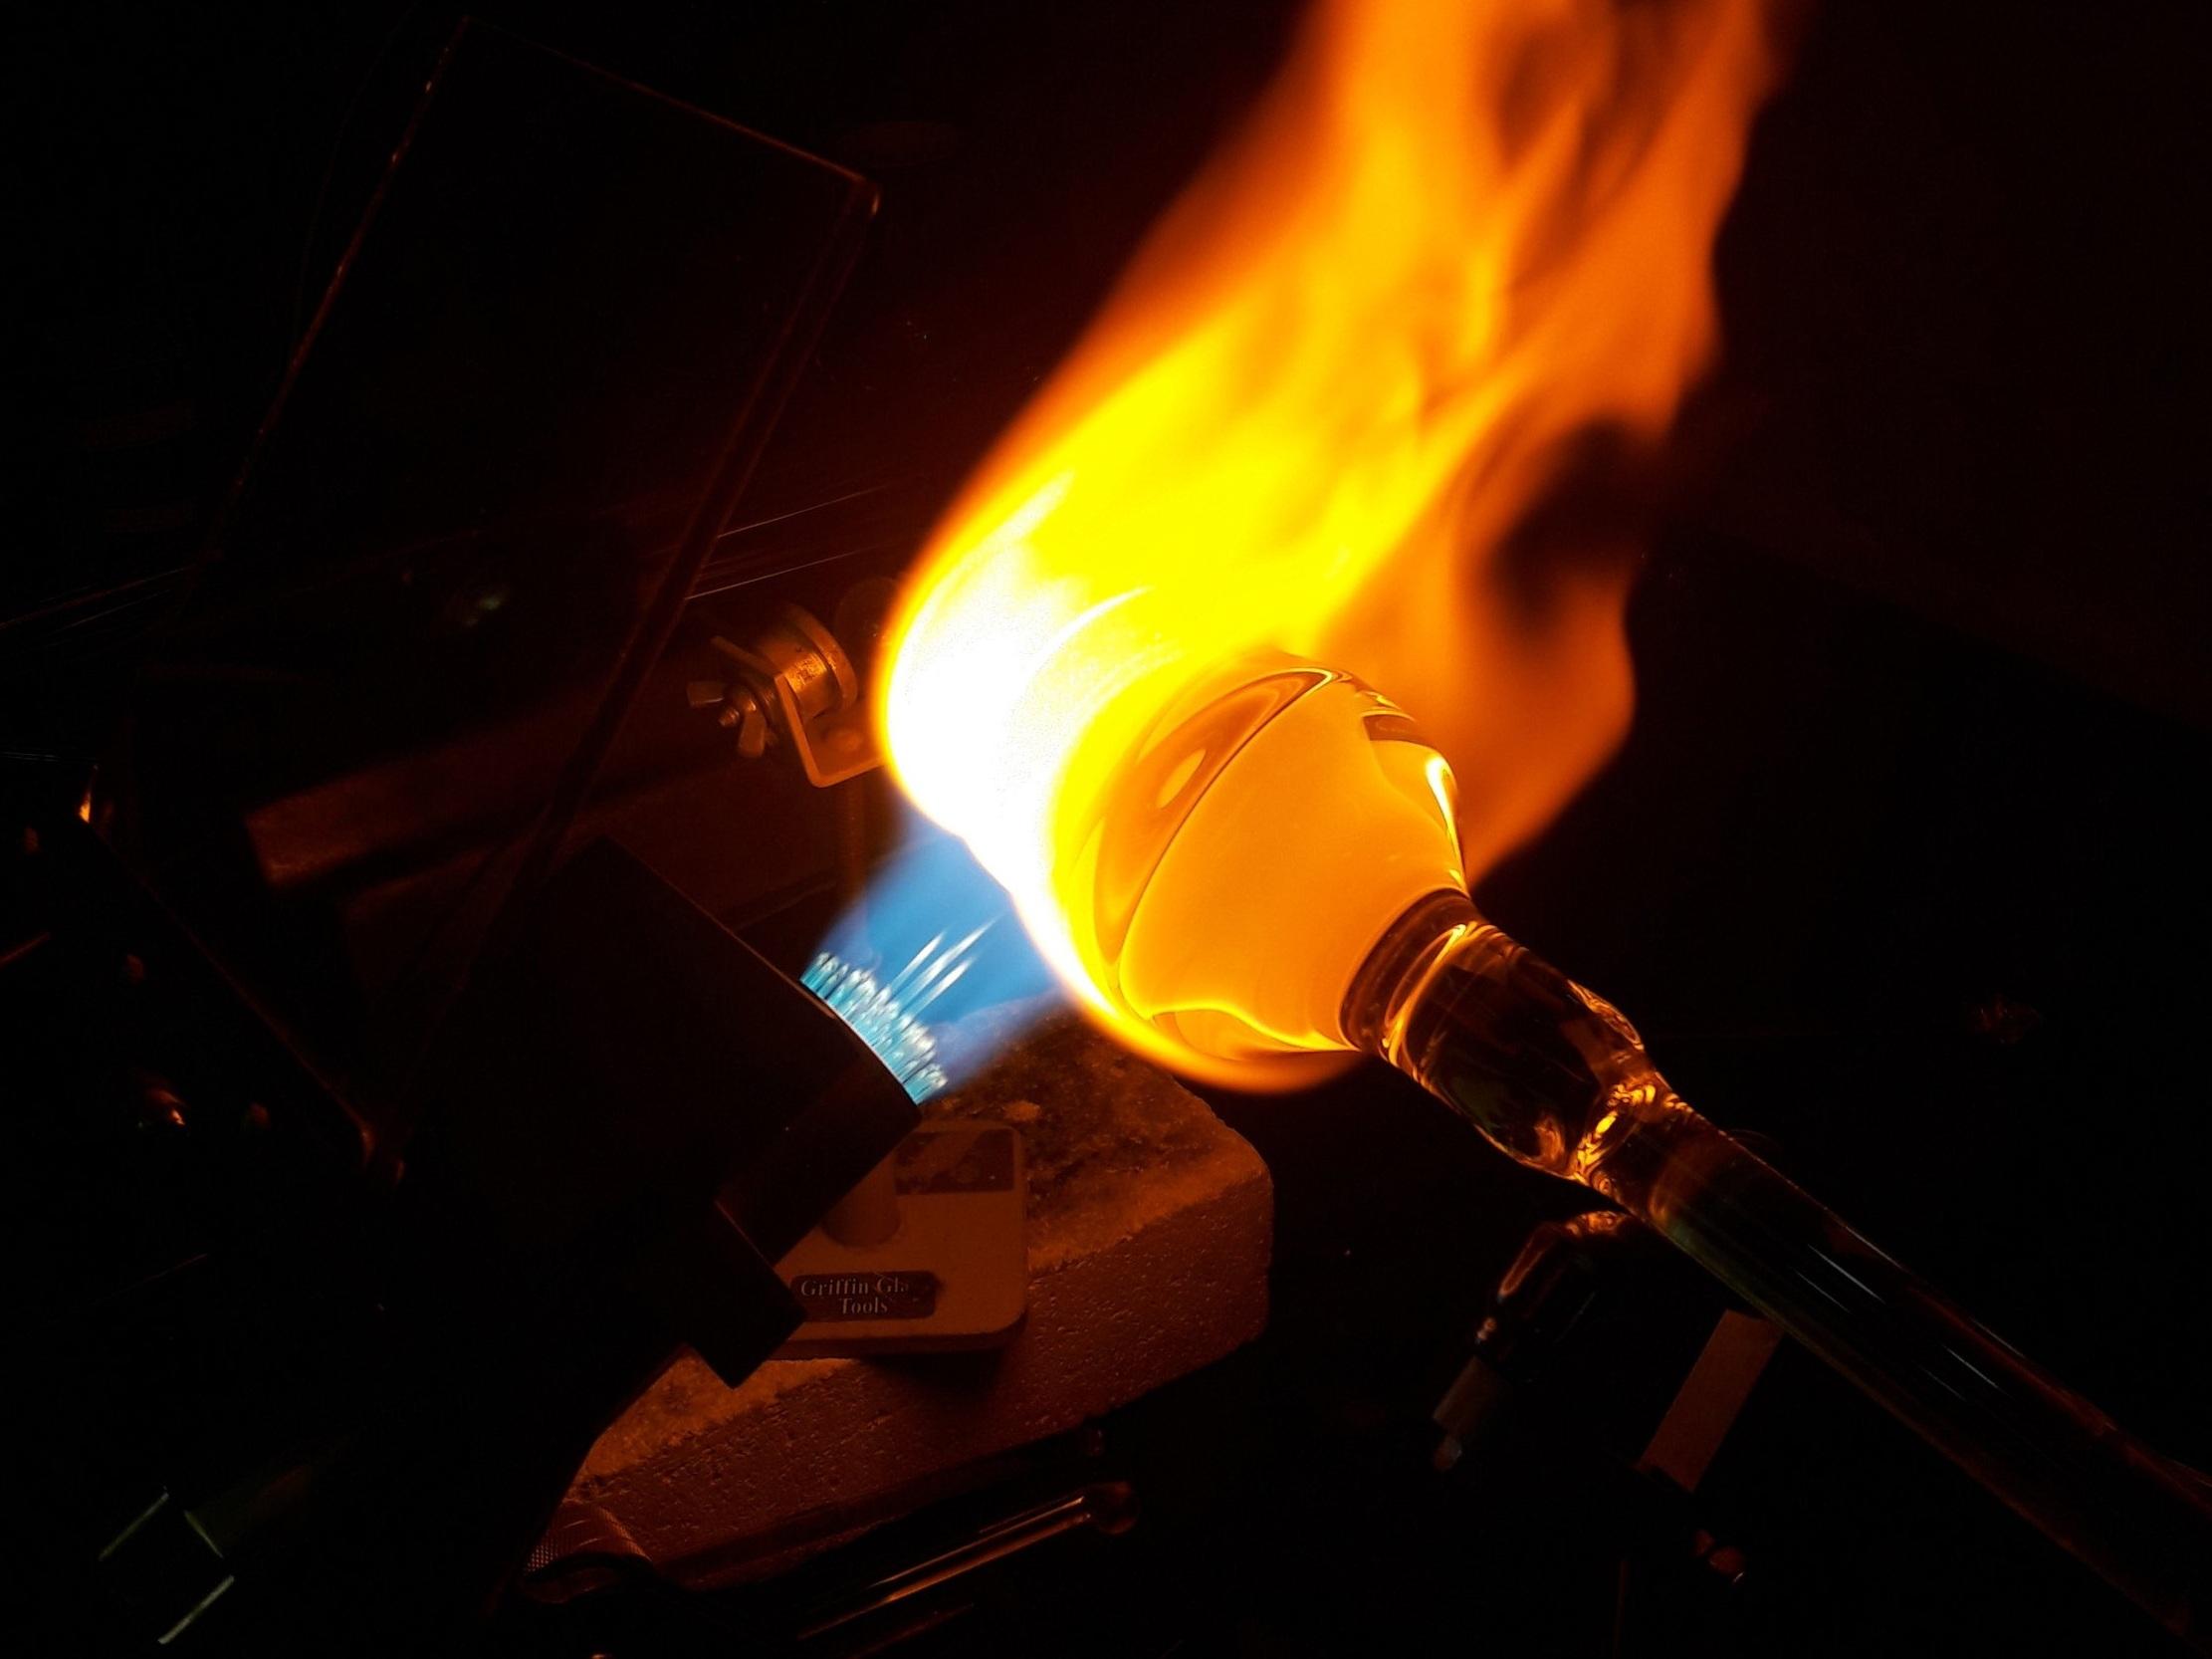 Lampworking -